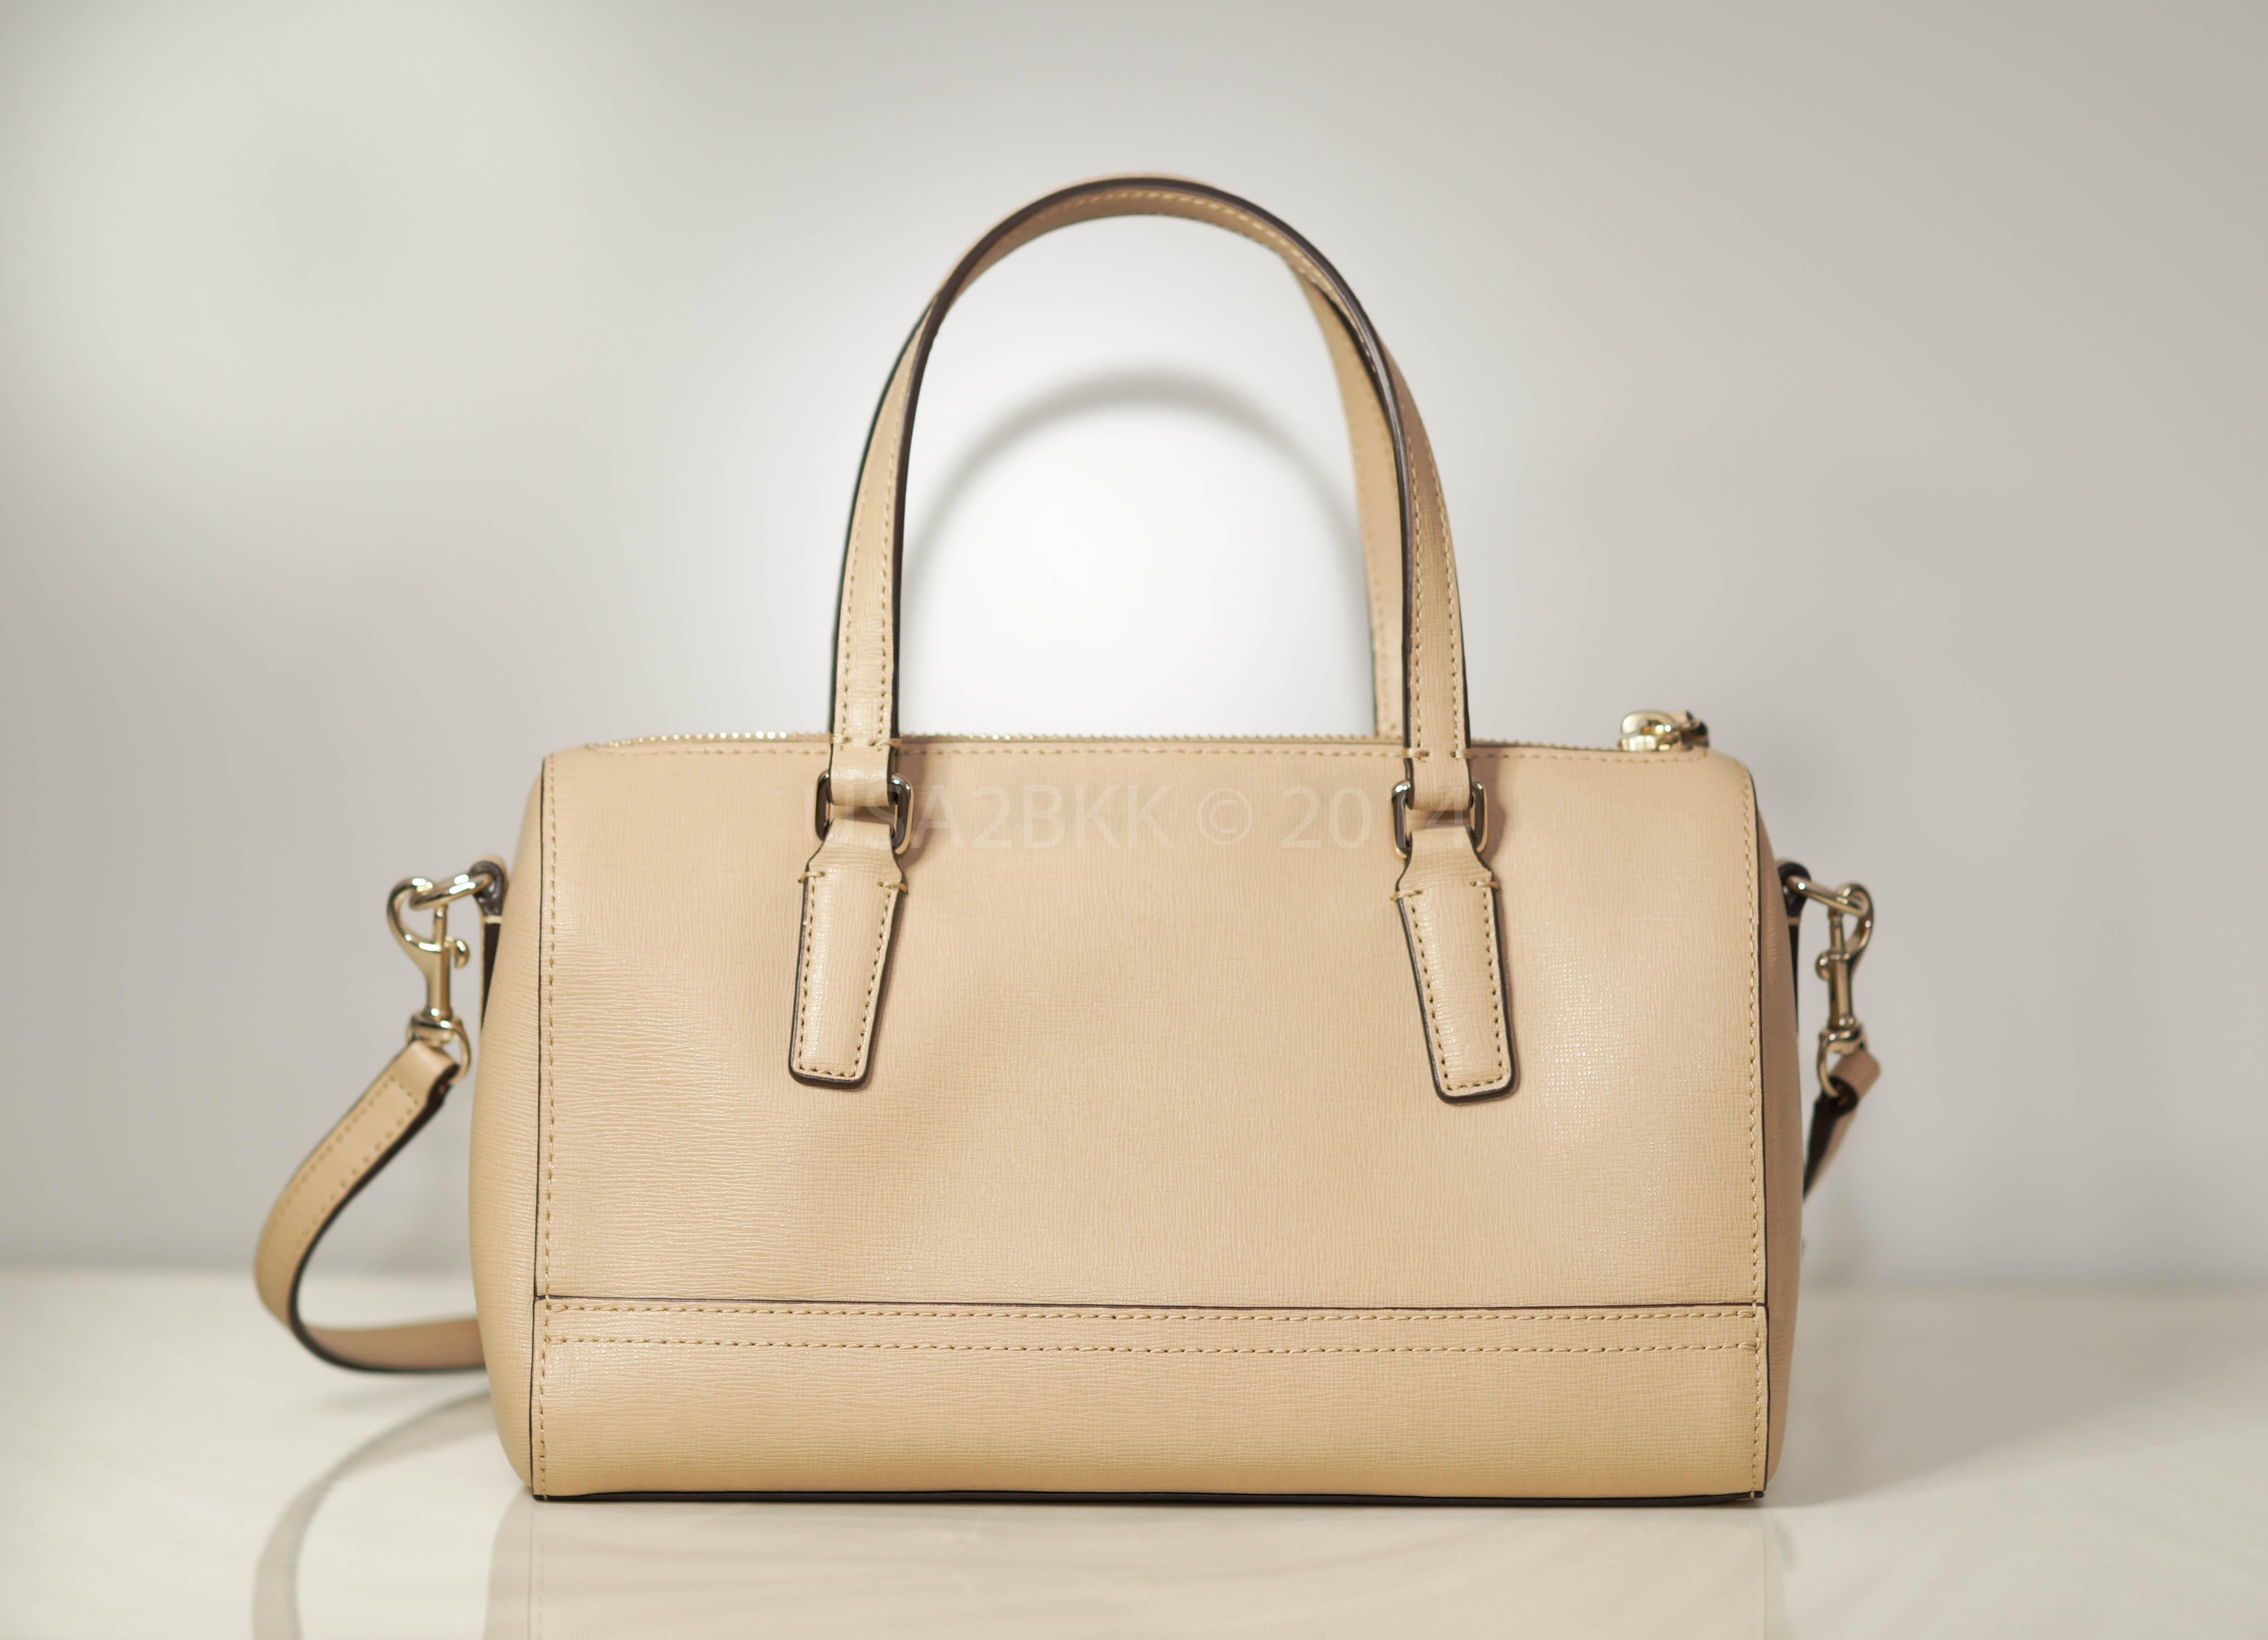 80097da9c coupon code for coach saffiano leather mini satchel f49392 ff145 1ab94